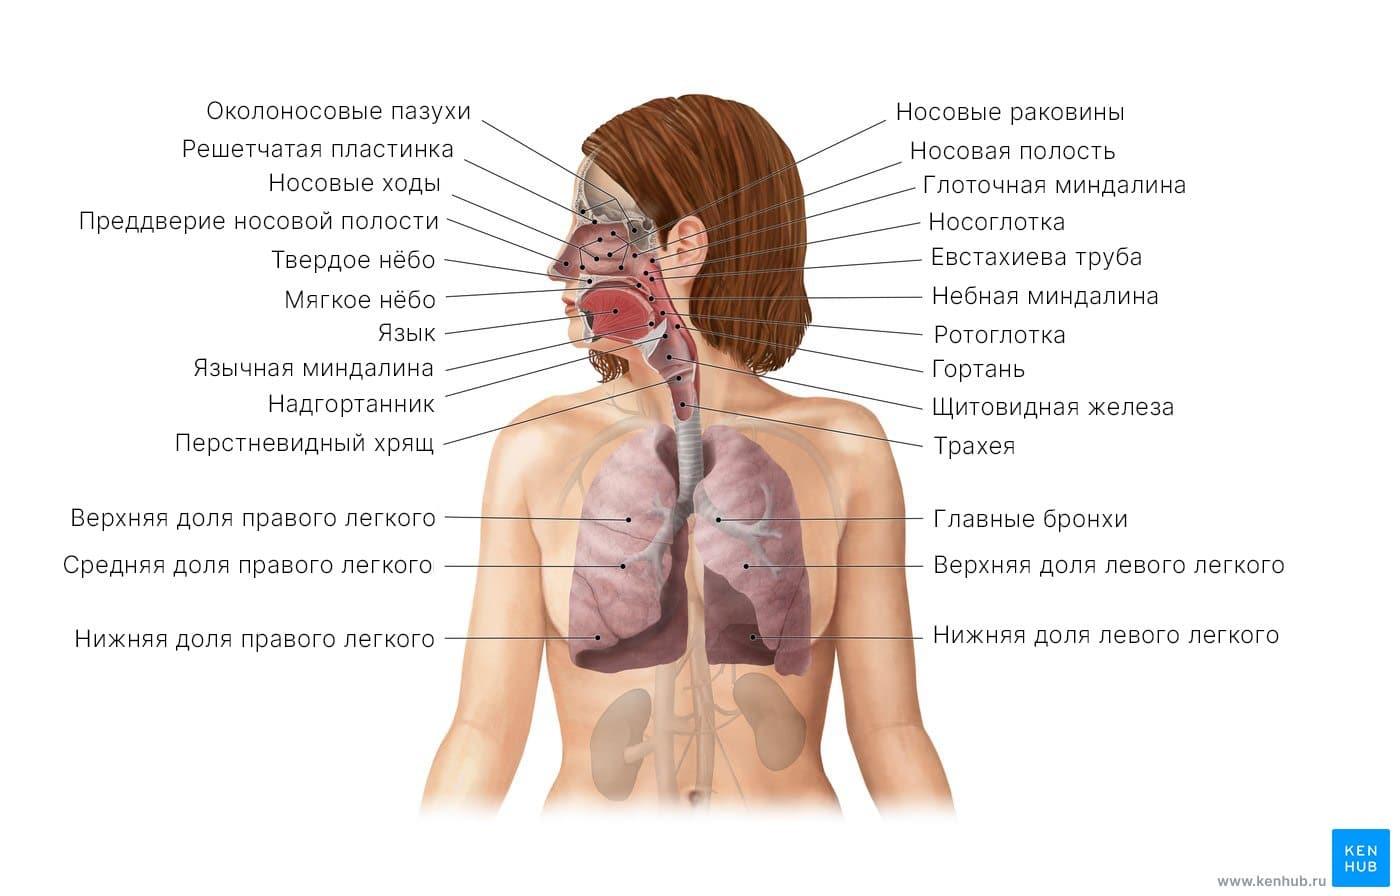 Дыхательная система (схема)